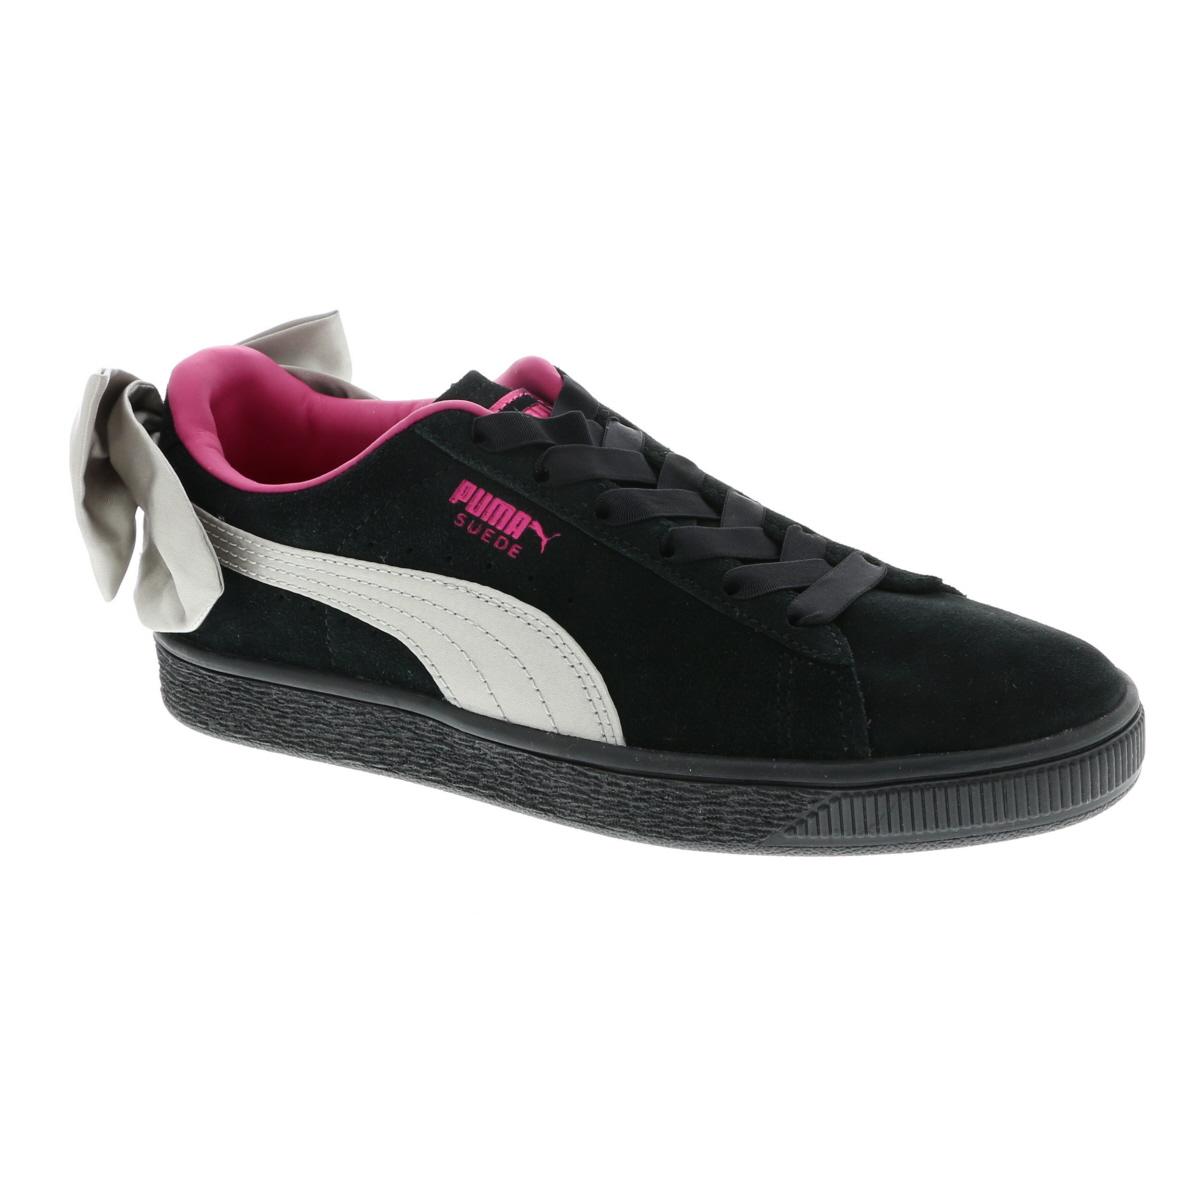 0a2d74bcf17 Puma sneakers bestel je online bij